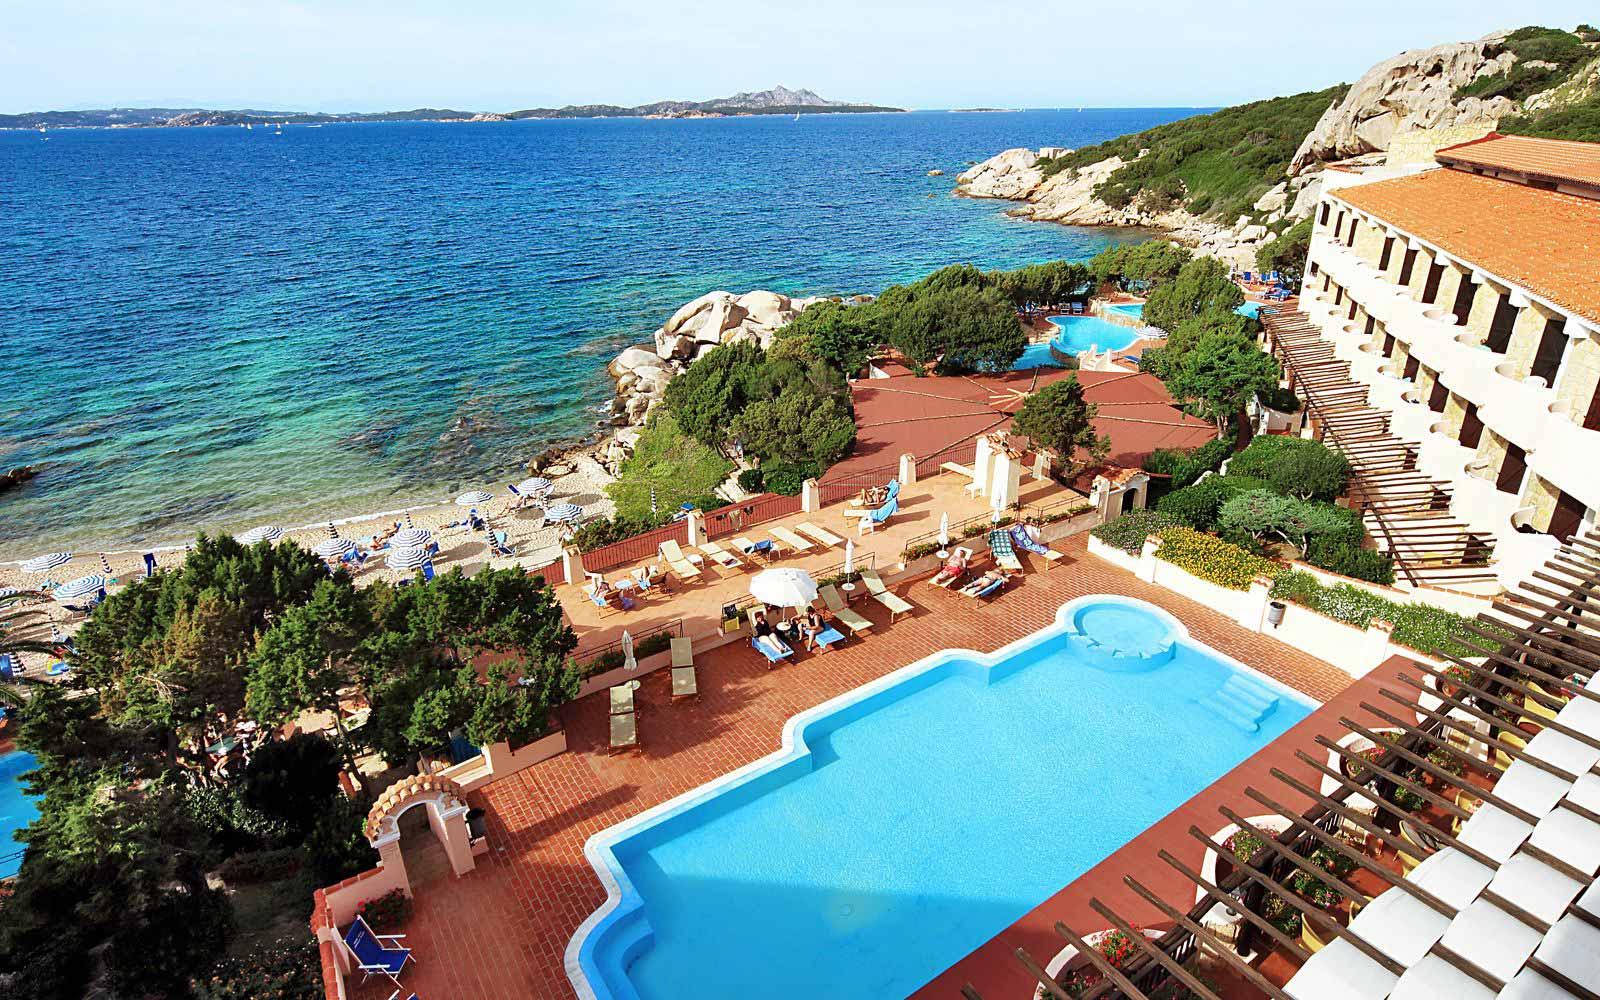 Swimming pool at Grand Hotel Smeraldo Beach